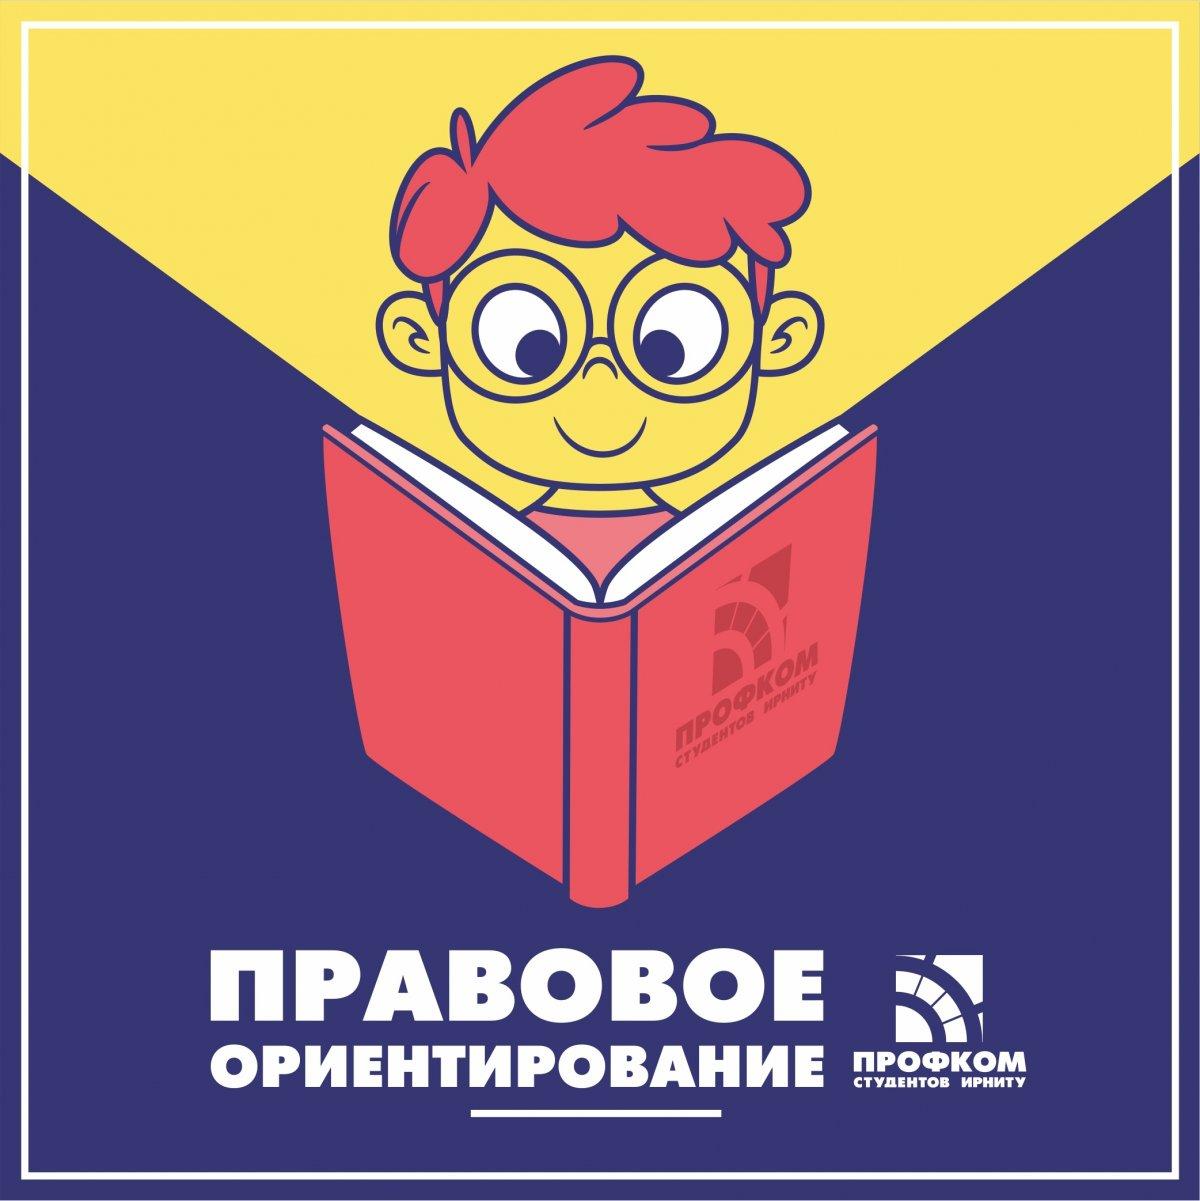 Пятница на календаре уверенно заявляет, что пришло время вновь проверить свои знания на тему прав и обязанностей студентов 😺